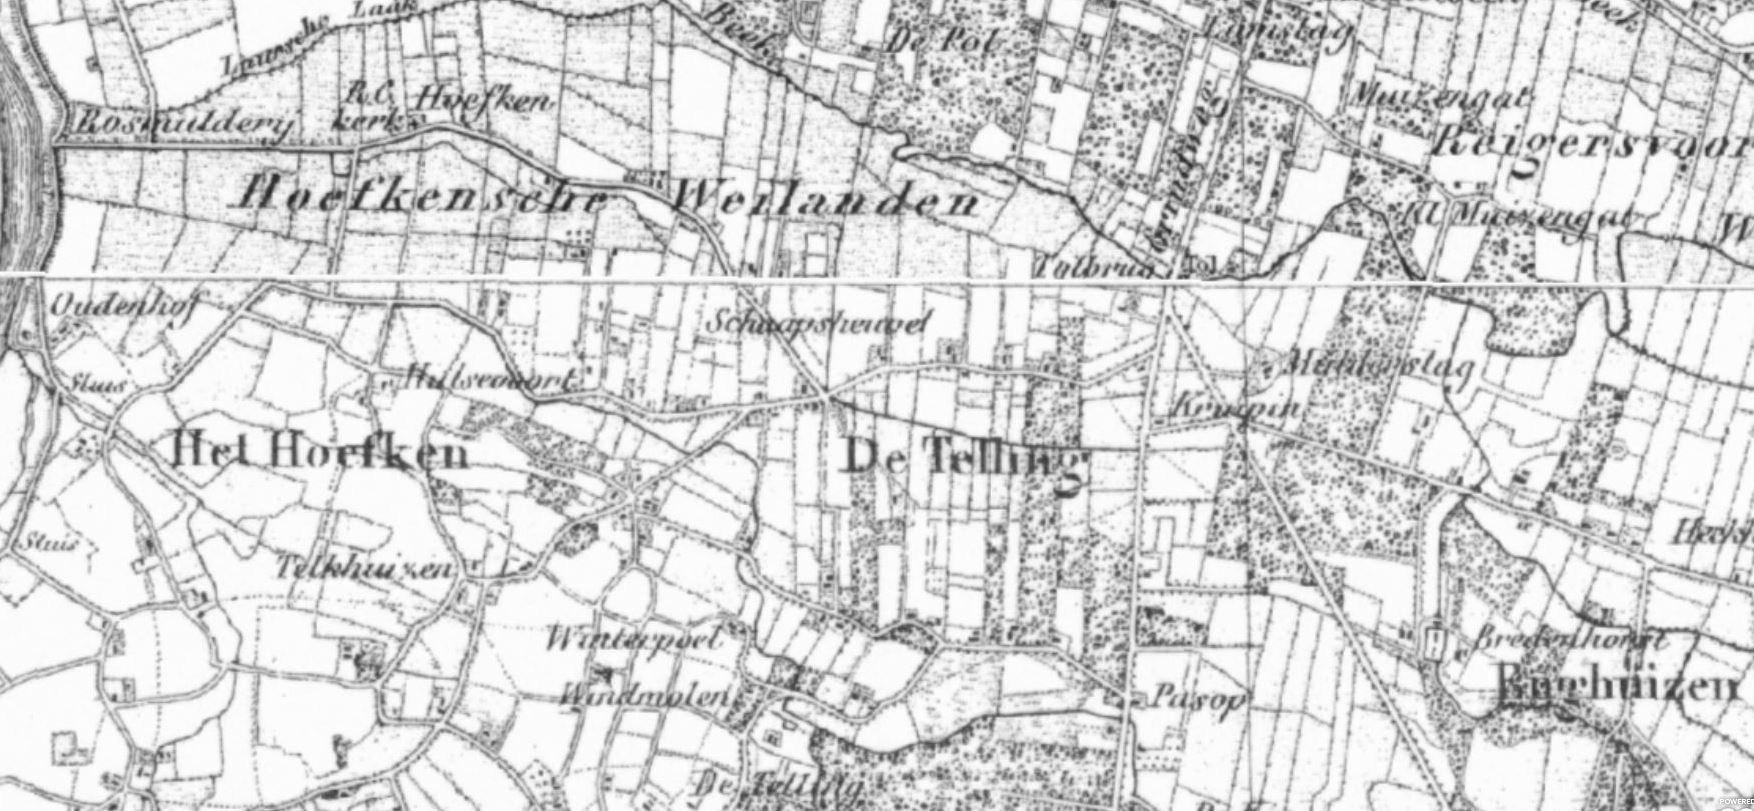 achter-drempt-1850